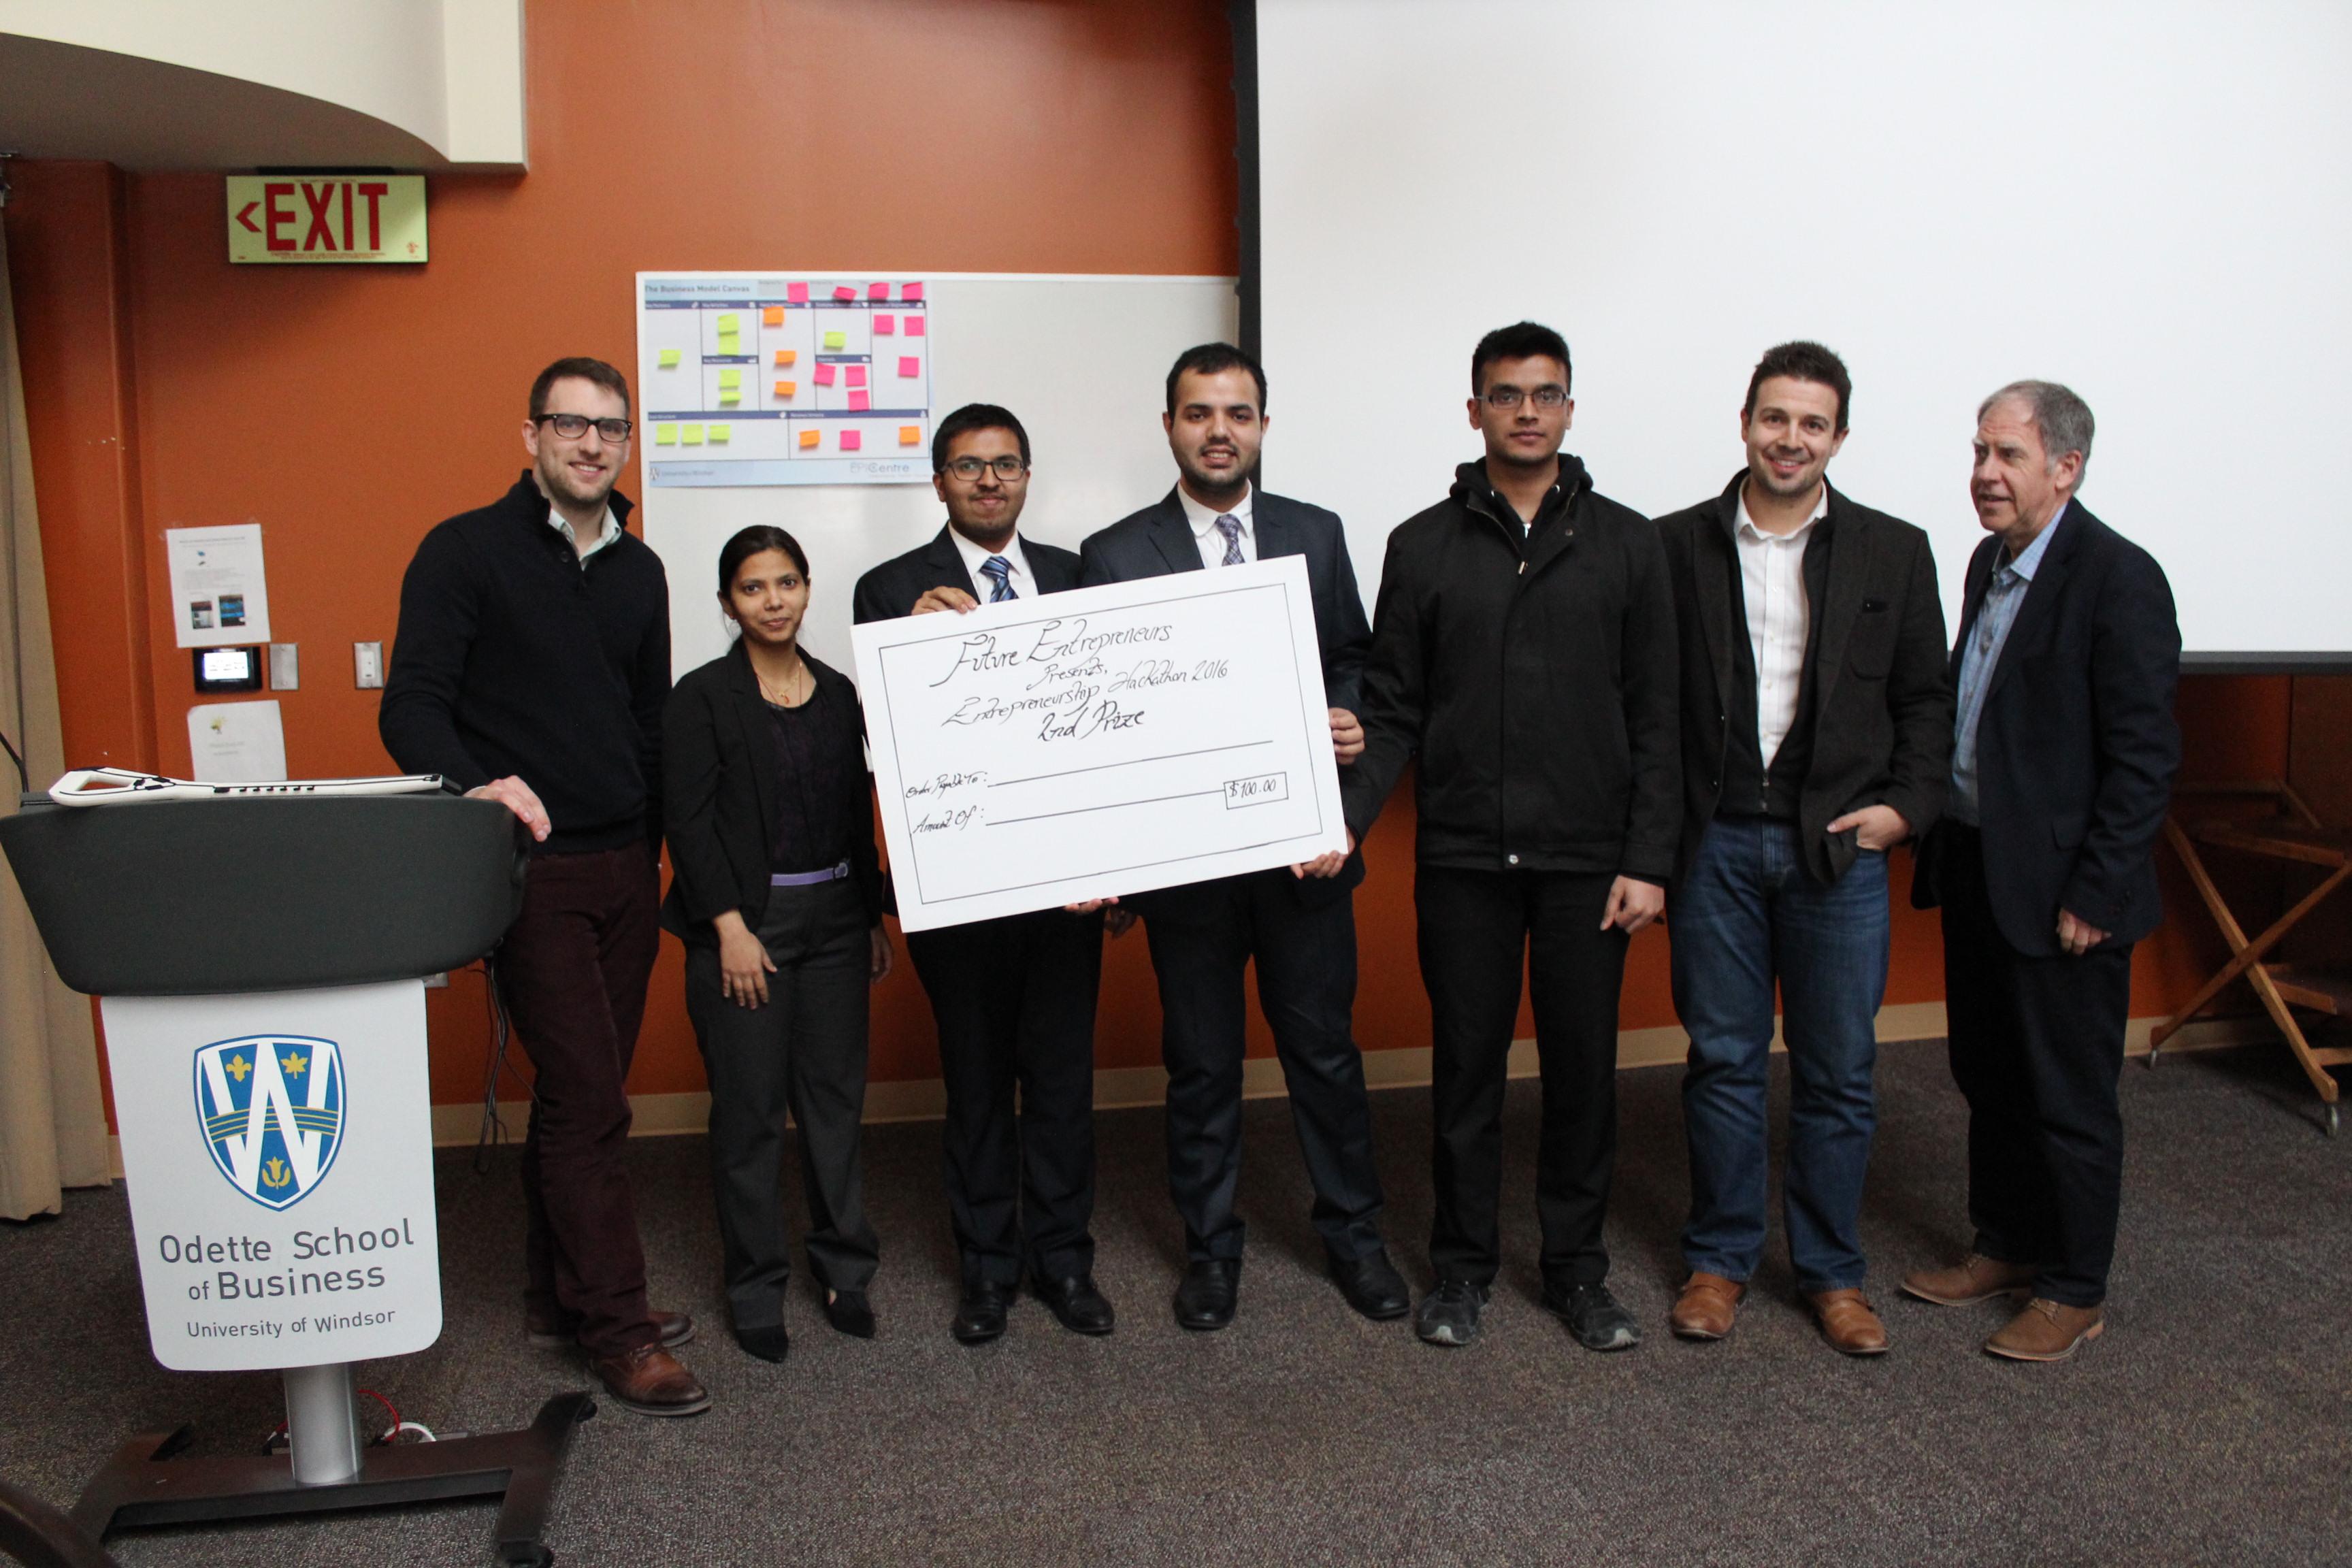 Entrepreneurship Hackathon Runner-Ups